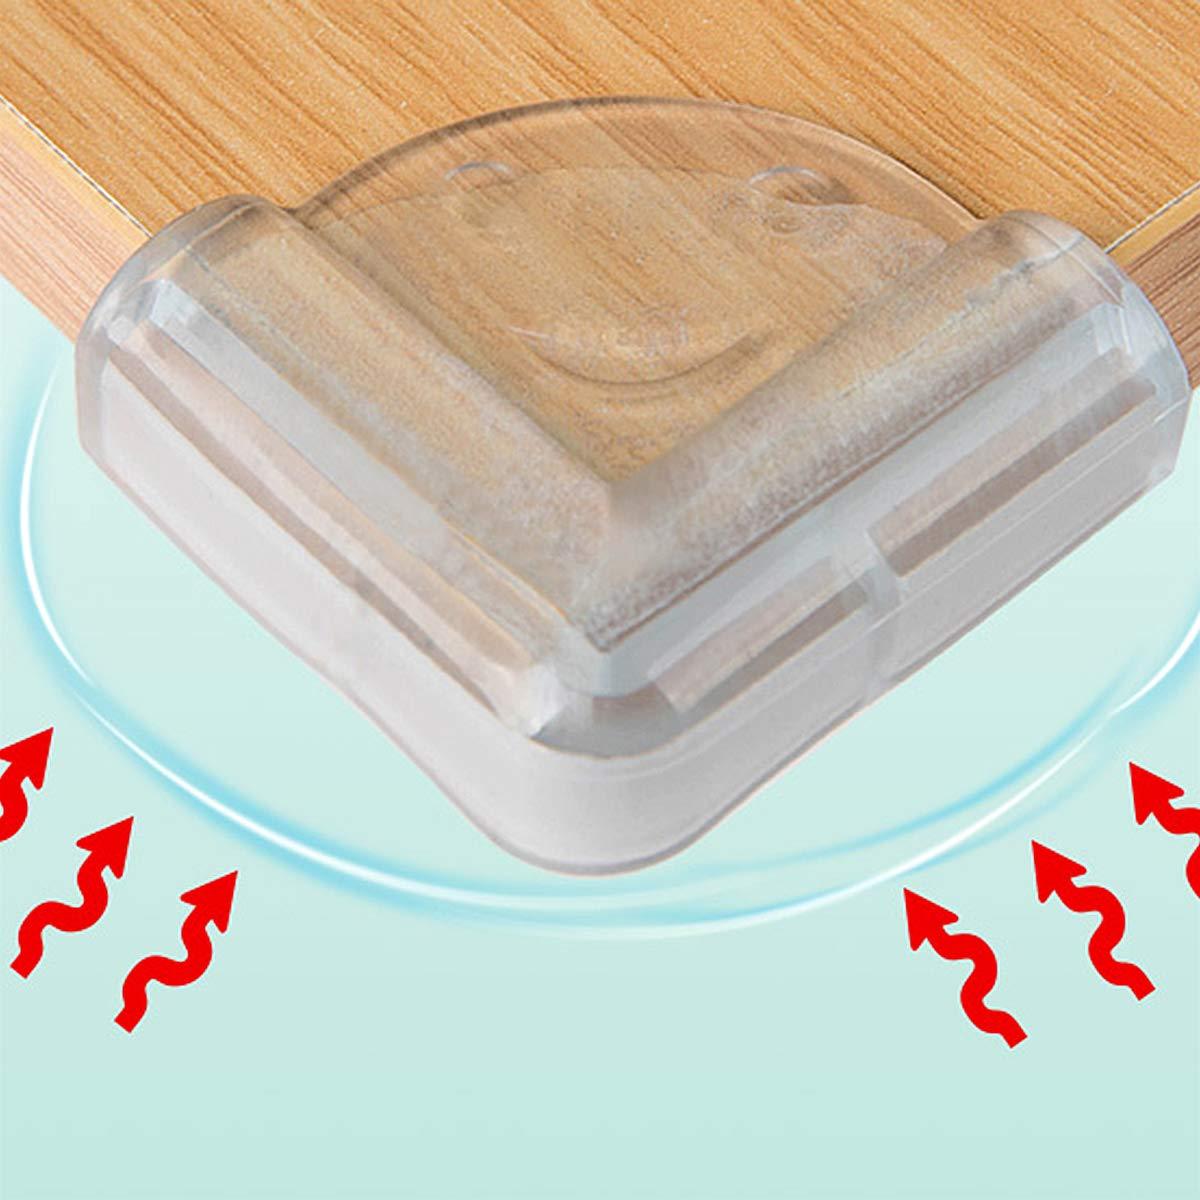 NATUCE Protege Coin de Table Protecteurs Dangles,Transparent Protection Coin de Meubles avec ruban adh/ésif Pour Enfant B/éb/é,20pcs